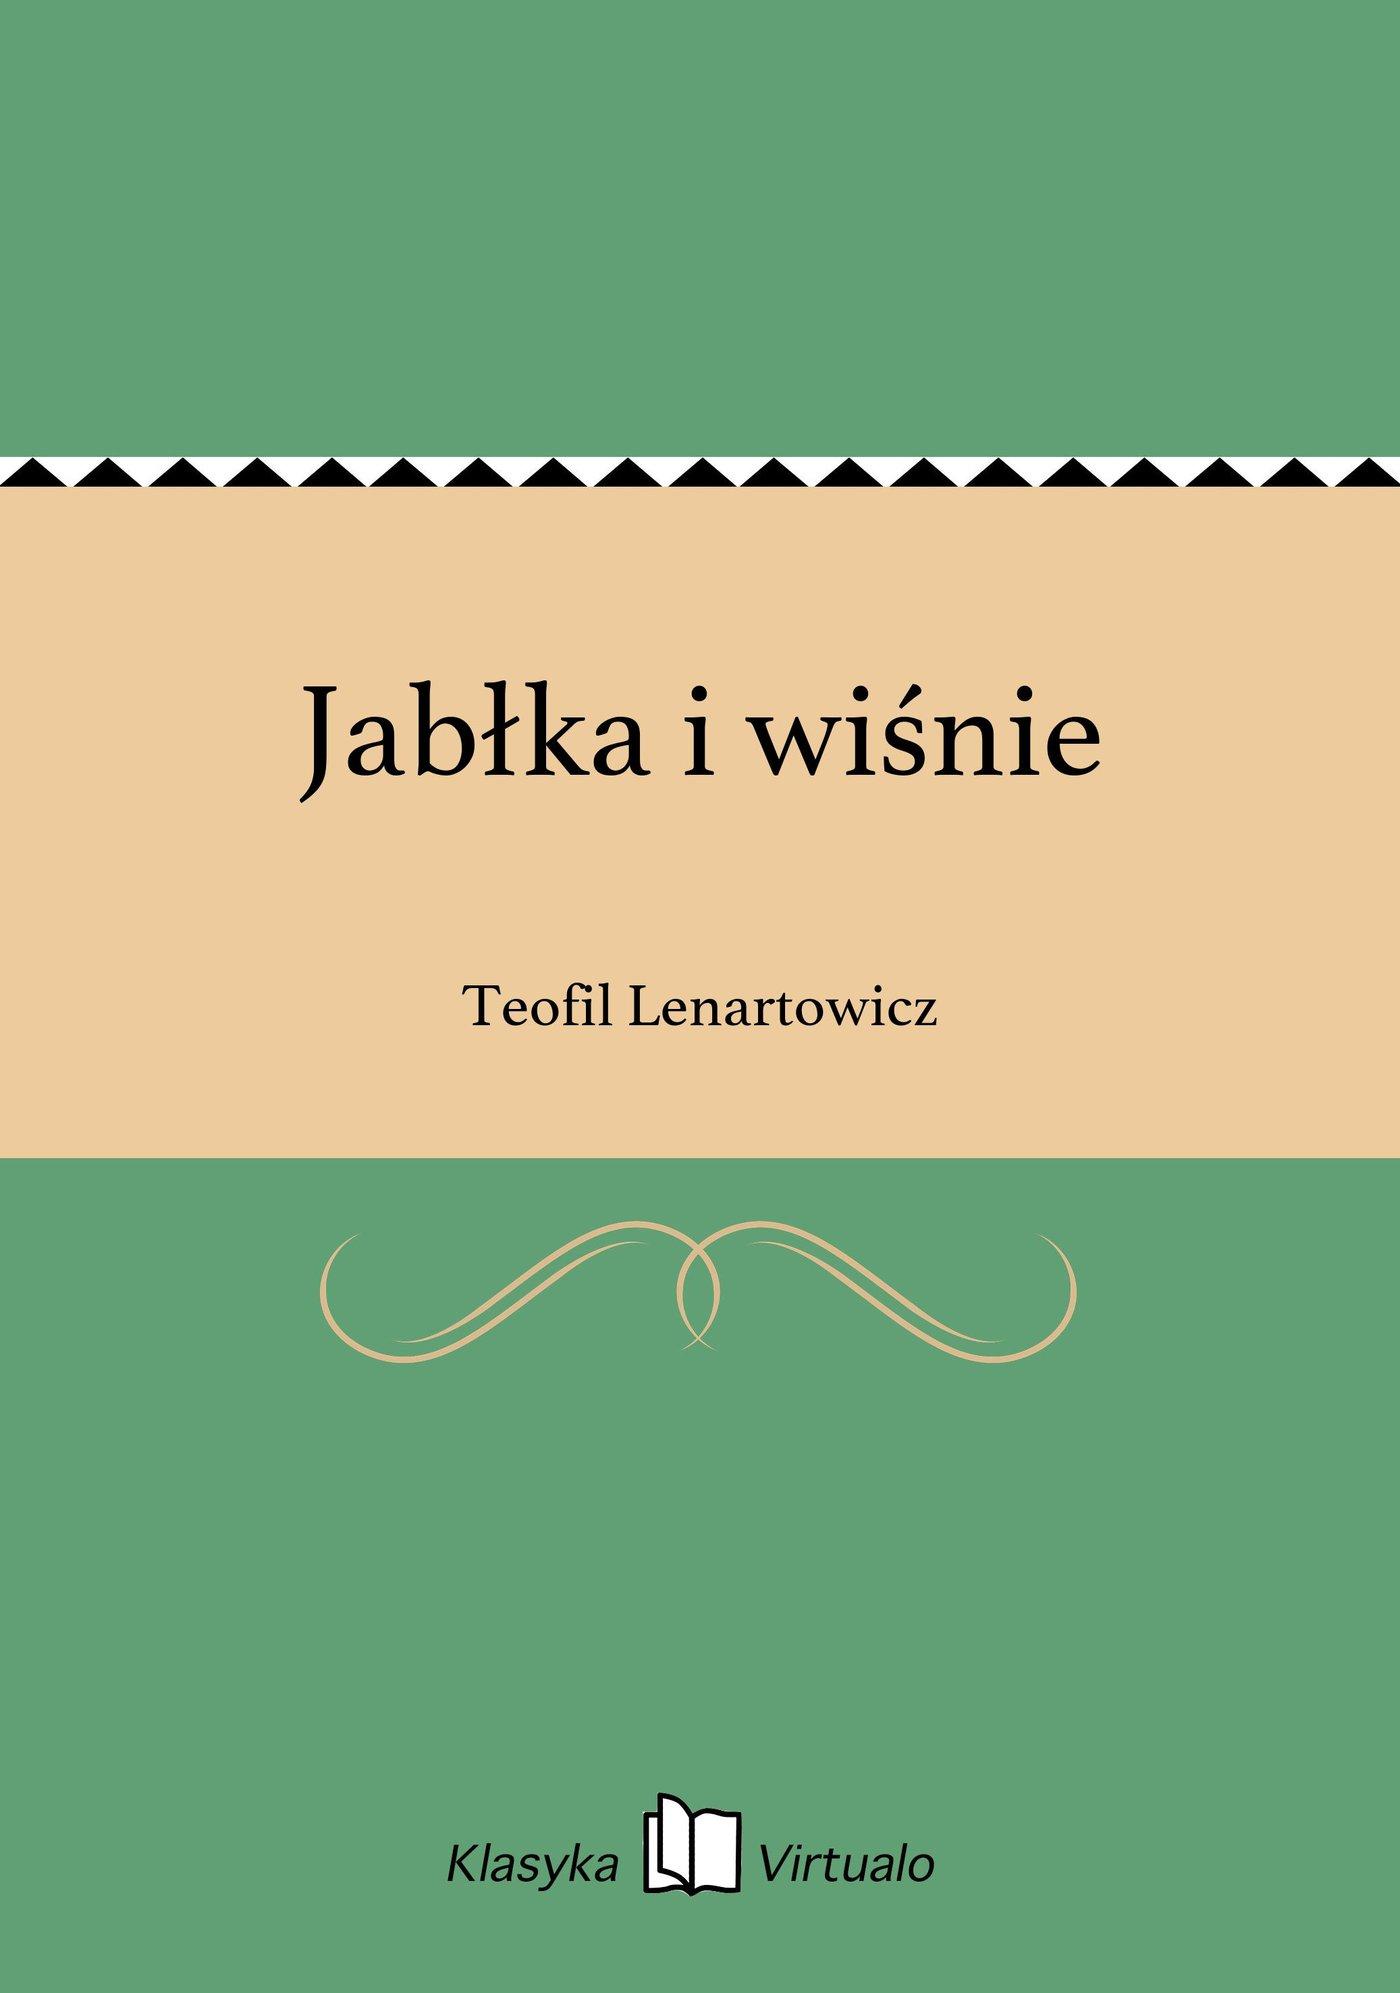 Jabłka i wiśnie - Ebook (Książka EPUB) do pobrania w formacie EPUB